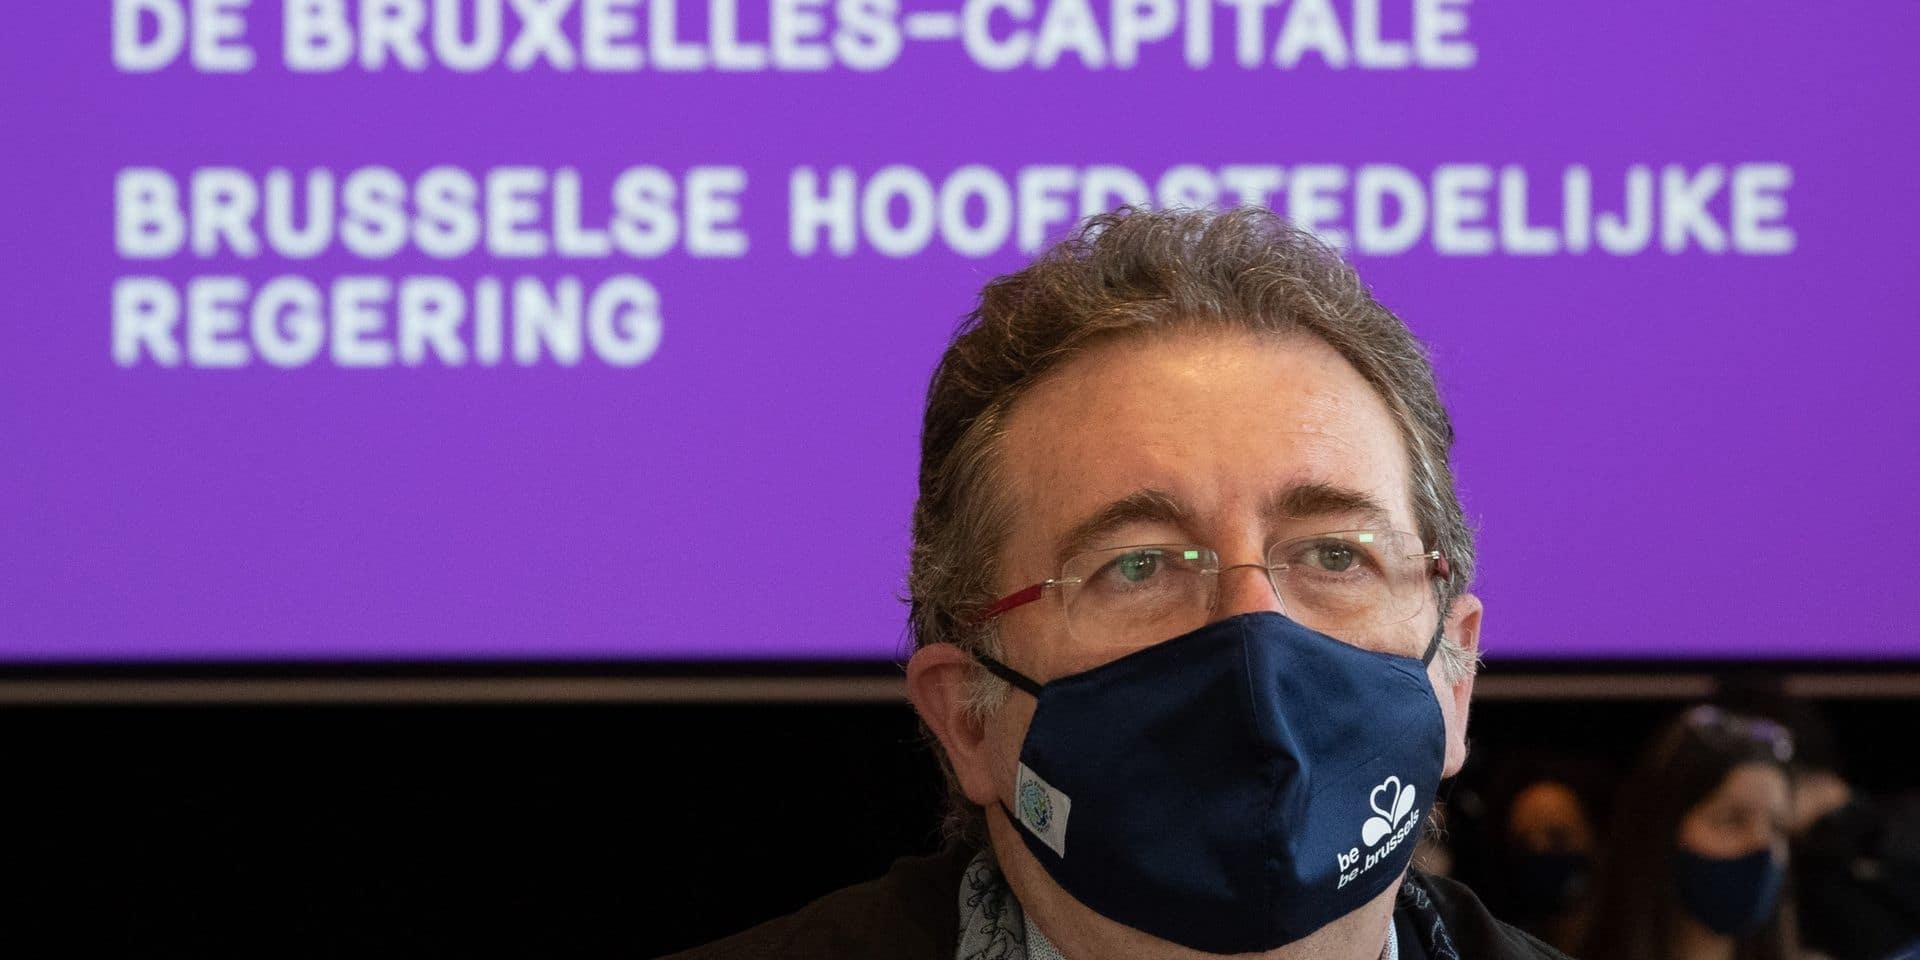 Bruxelles: la majorité soutient le projet de taxation kilométrique du gouvernement Vervoort